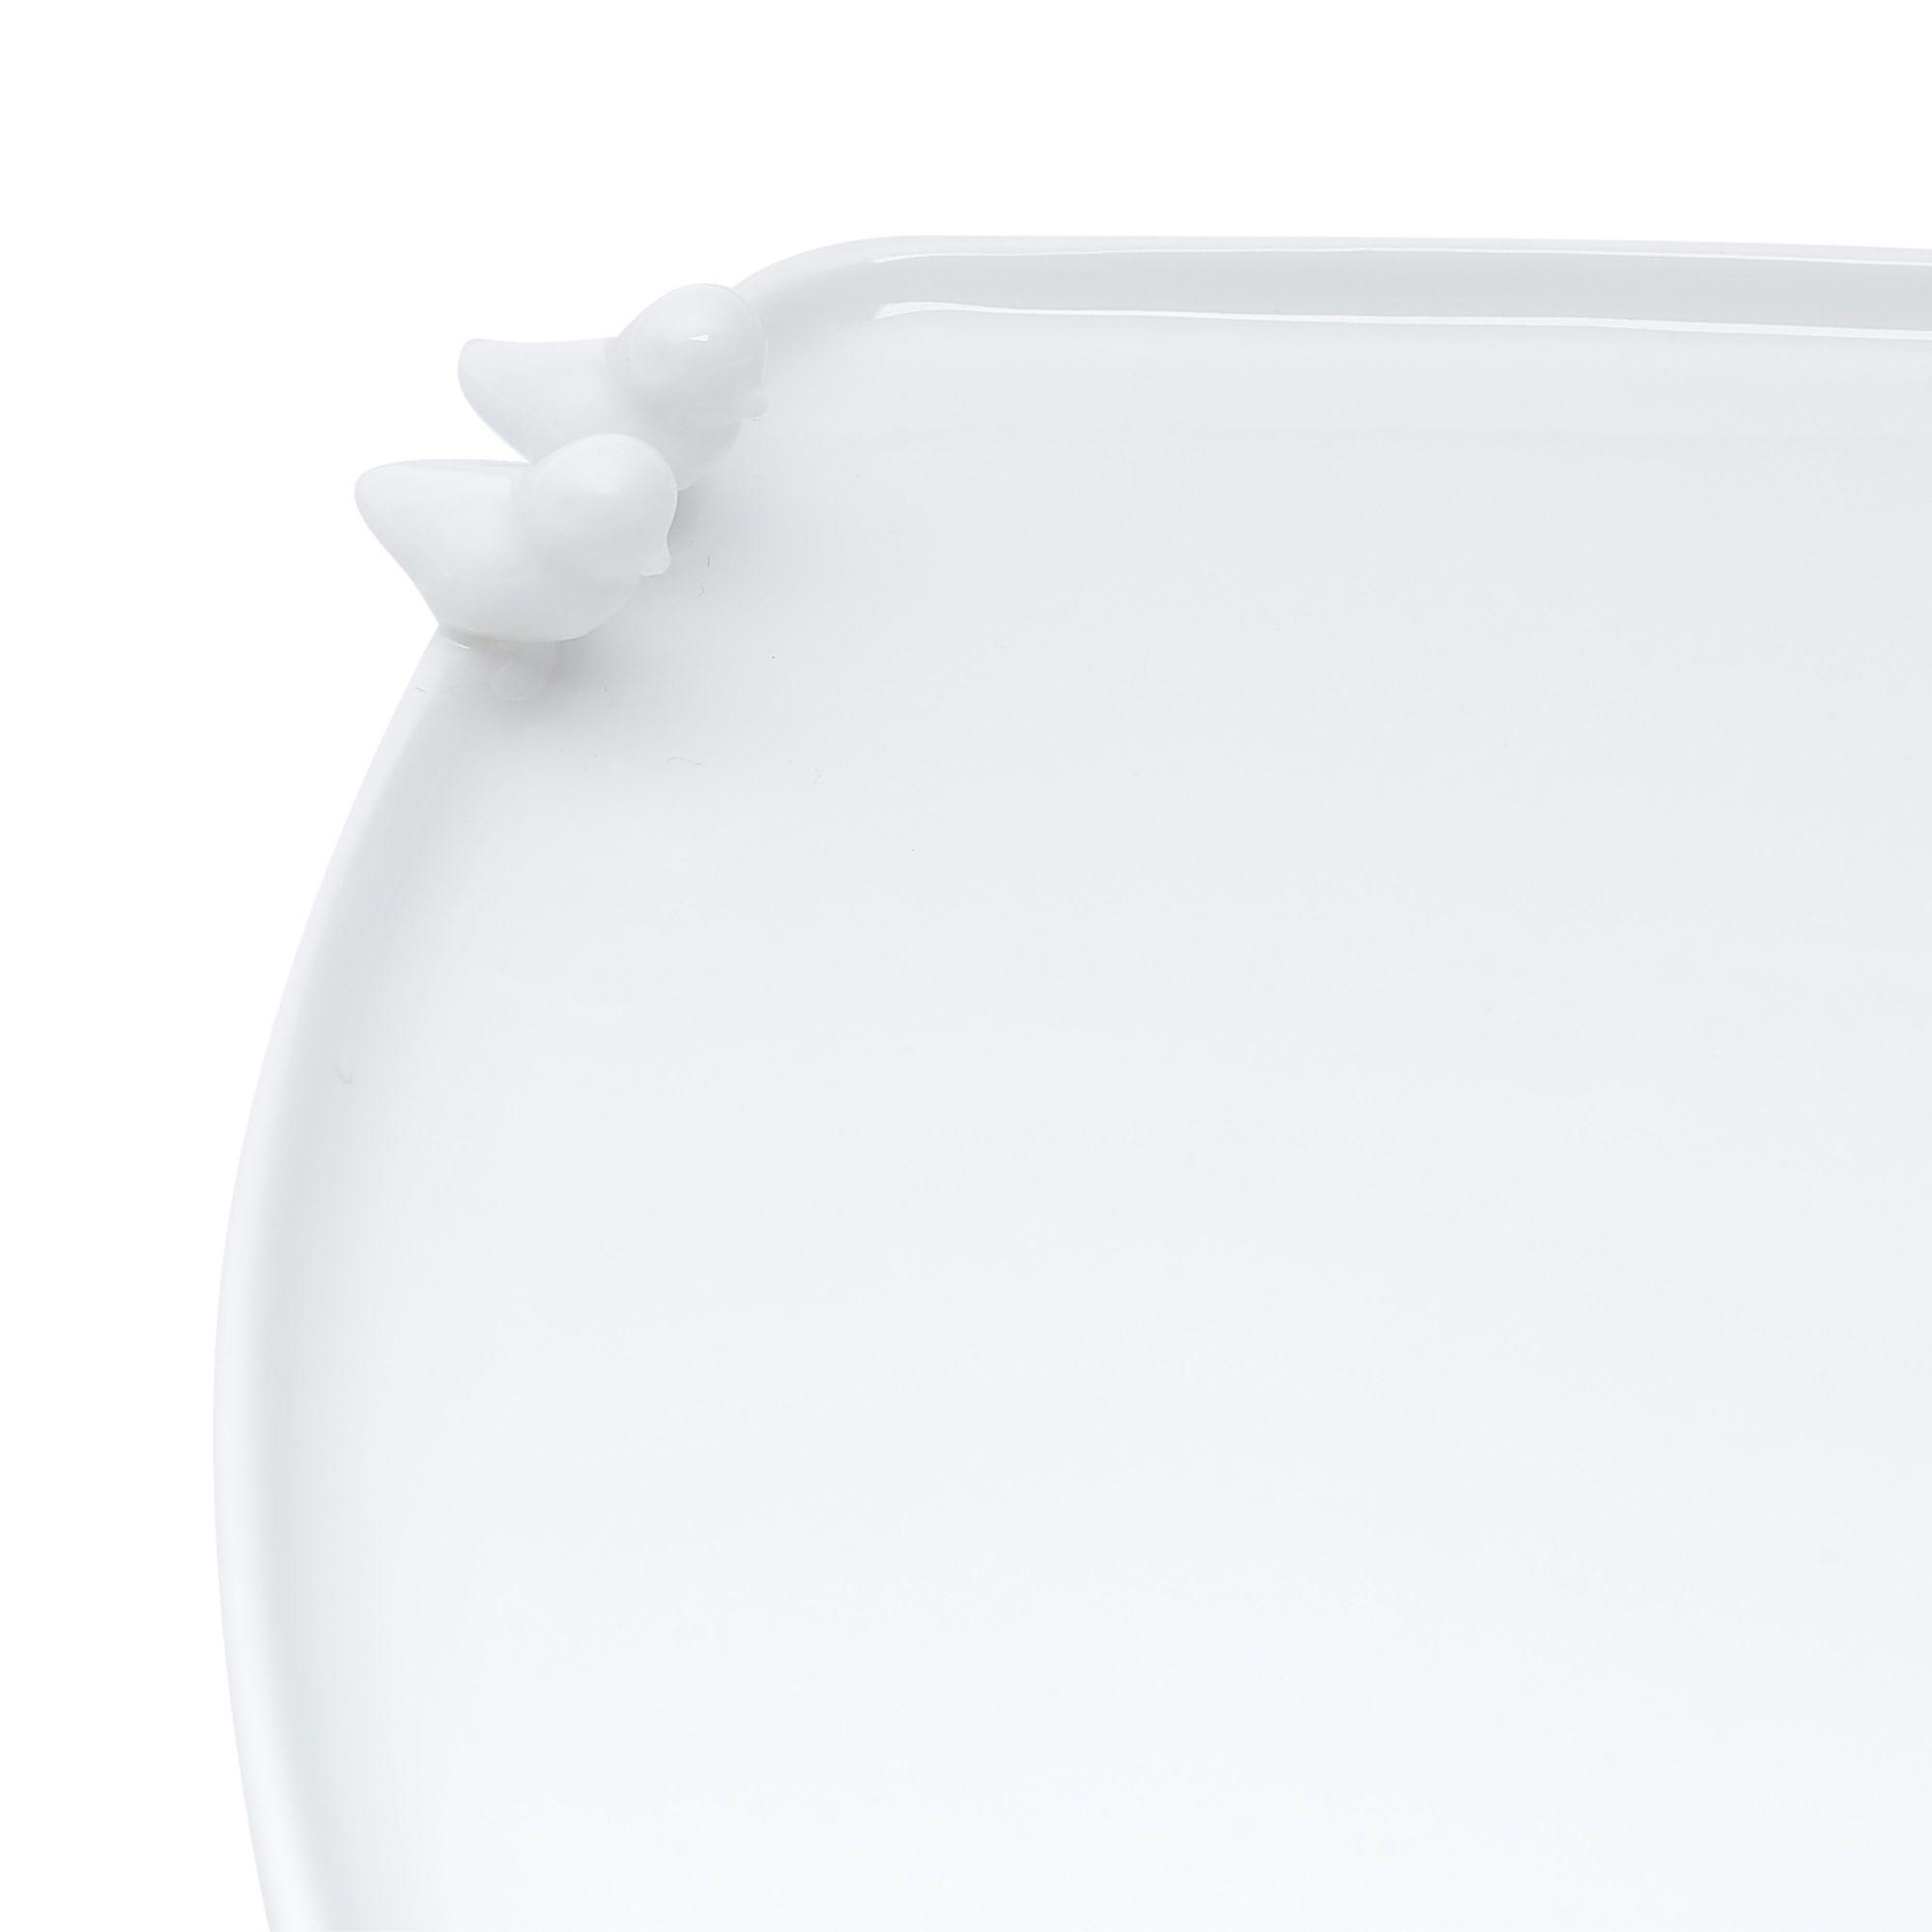 Prato 22,5 x 18 cm para pão de porcelana branca Birds Wolff - 17235